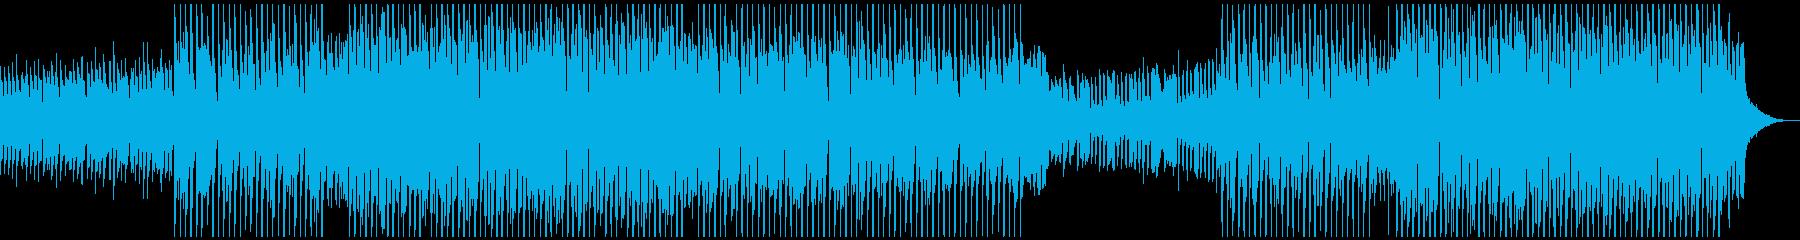 アップビートダンスの再生済みの波形